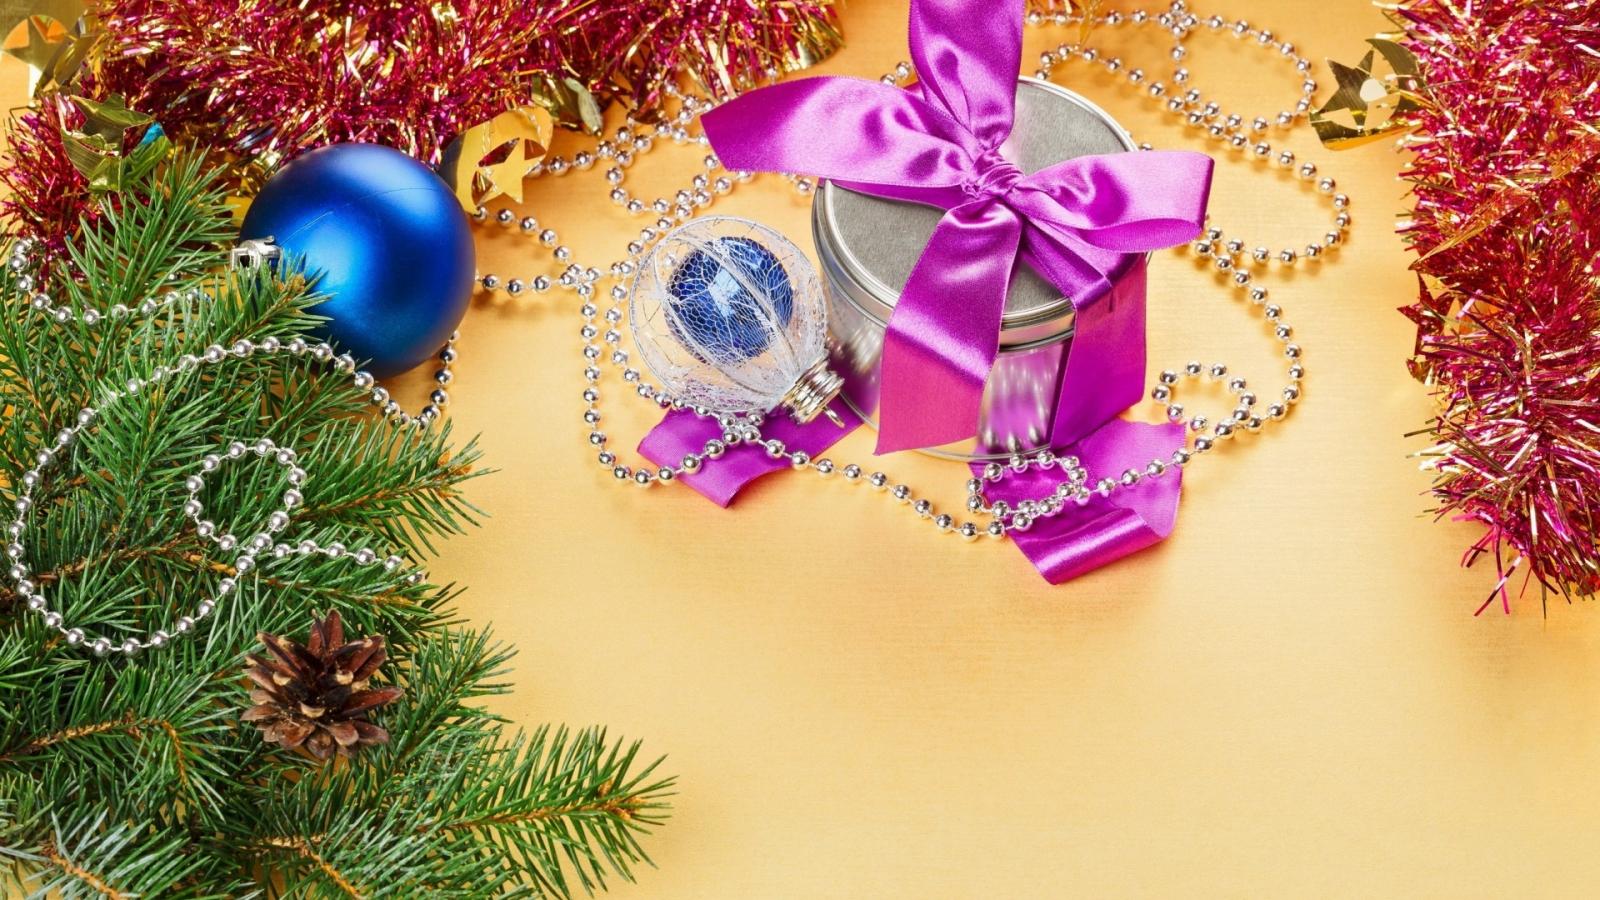 Decoración para árbol de navidad - 1600x900